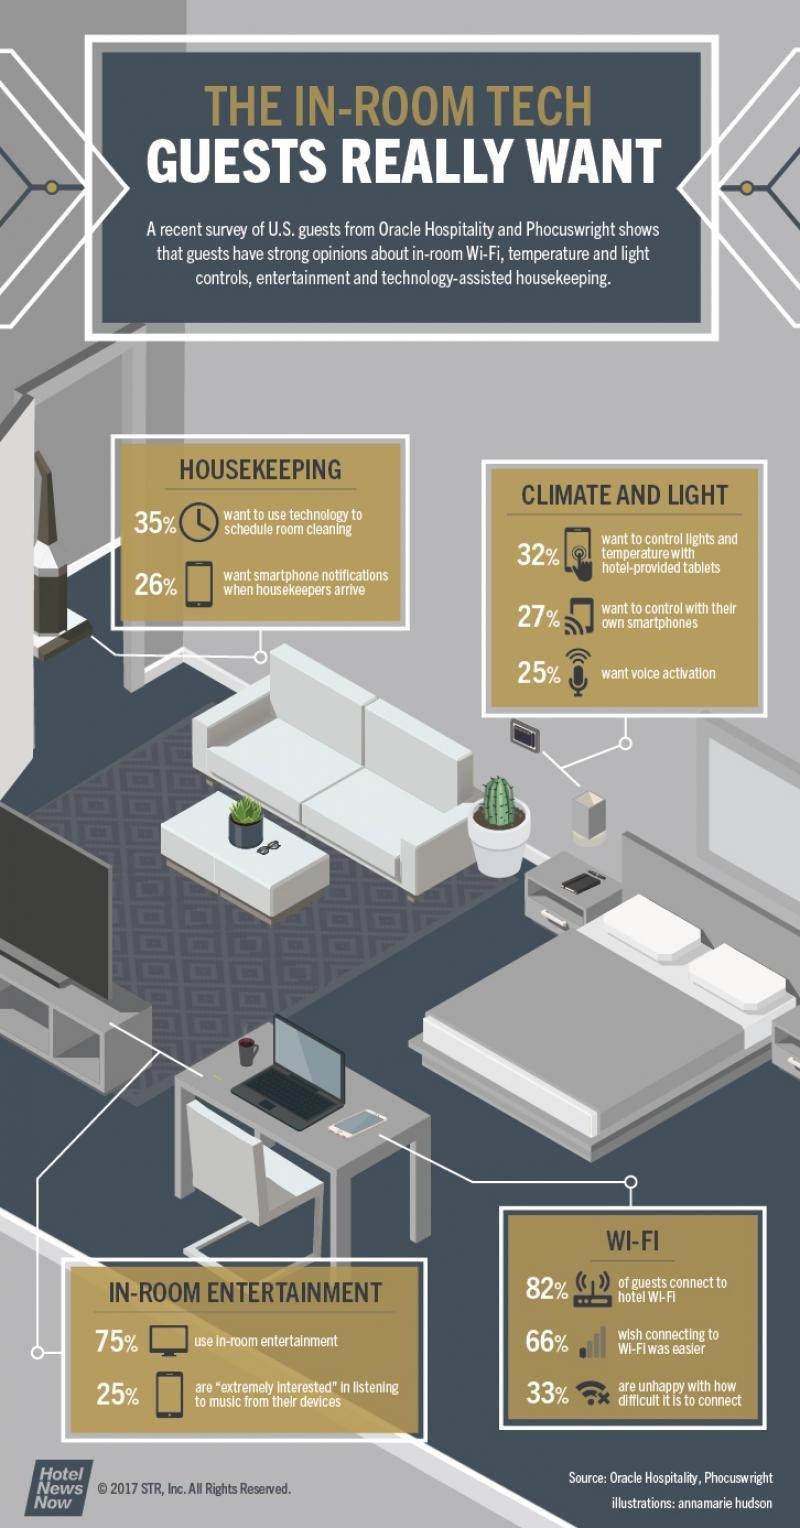 Tehnologiile pe care clienţii le doresc în camera unui hotel